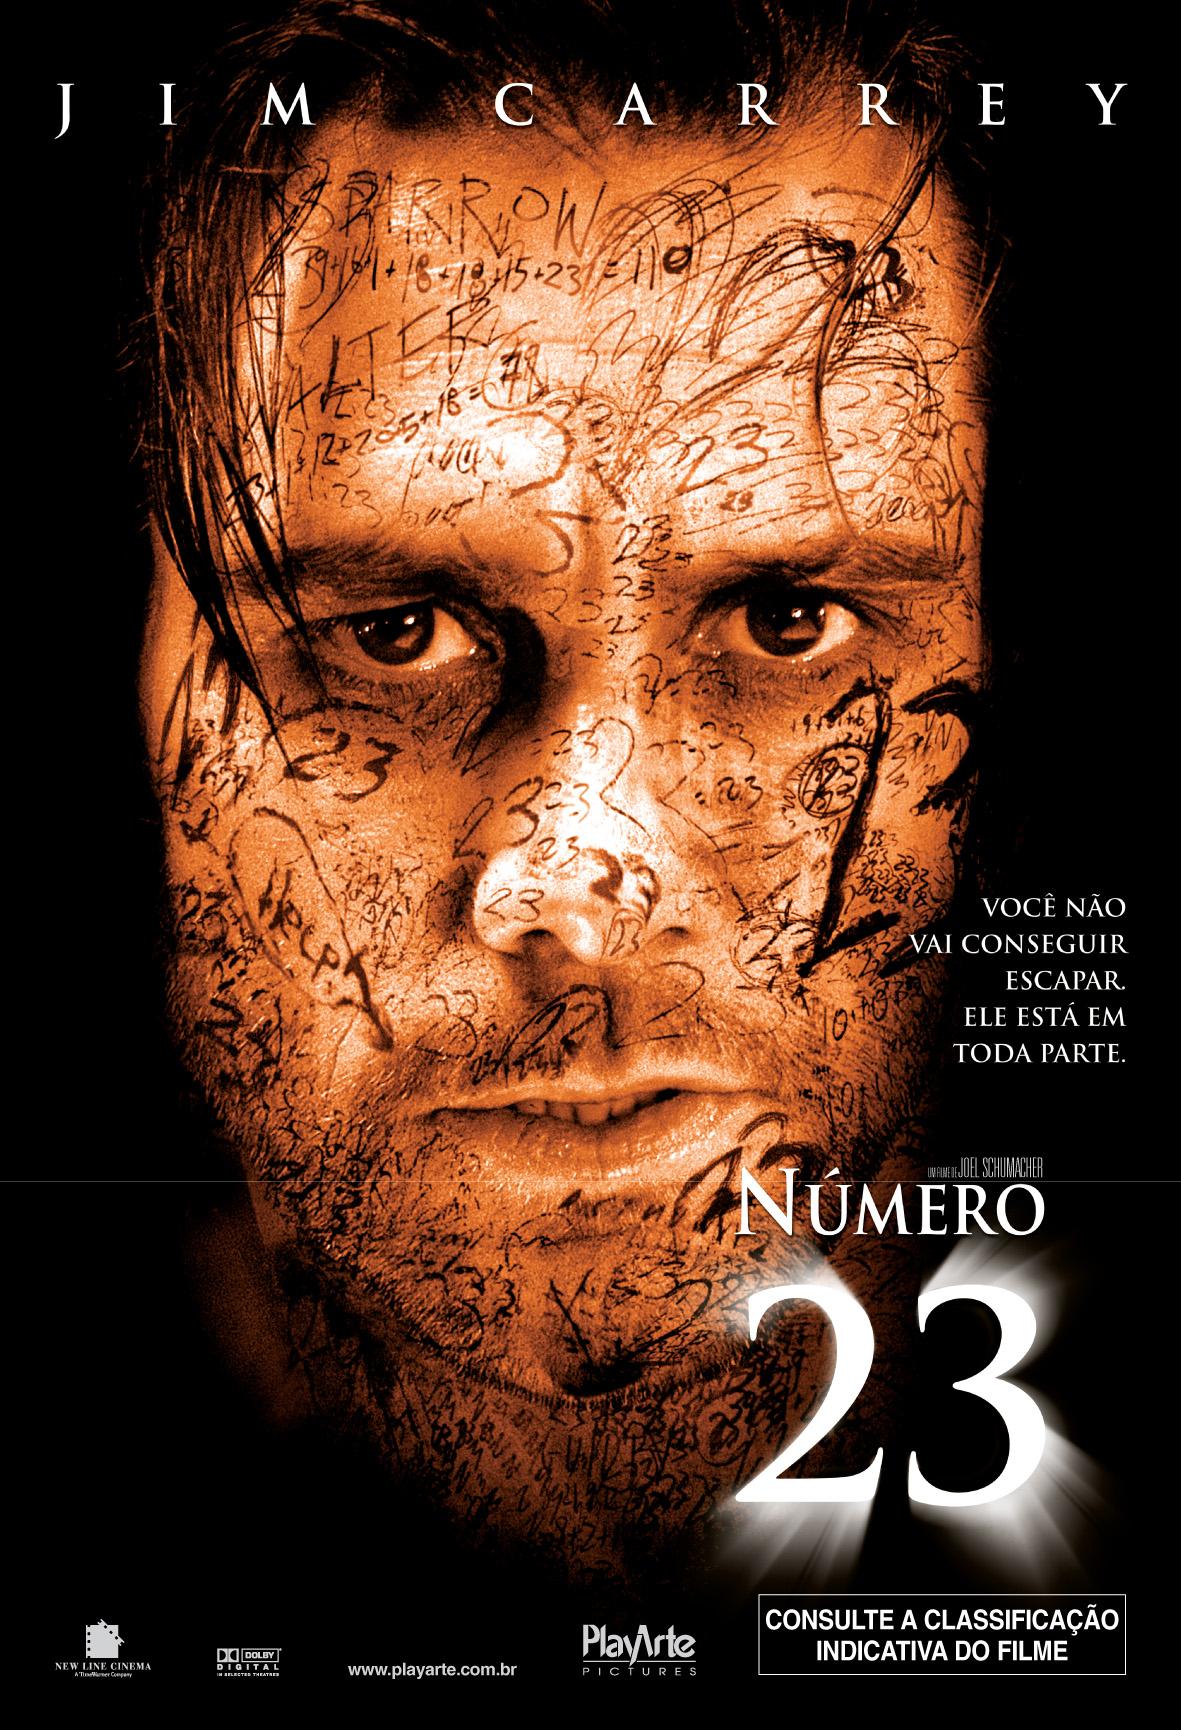 Filme: The Number 23 (Número 23) – Colorindo Nuvens